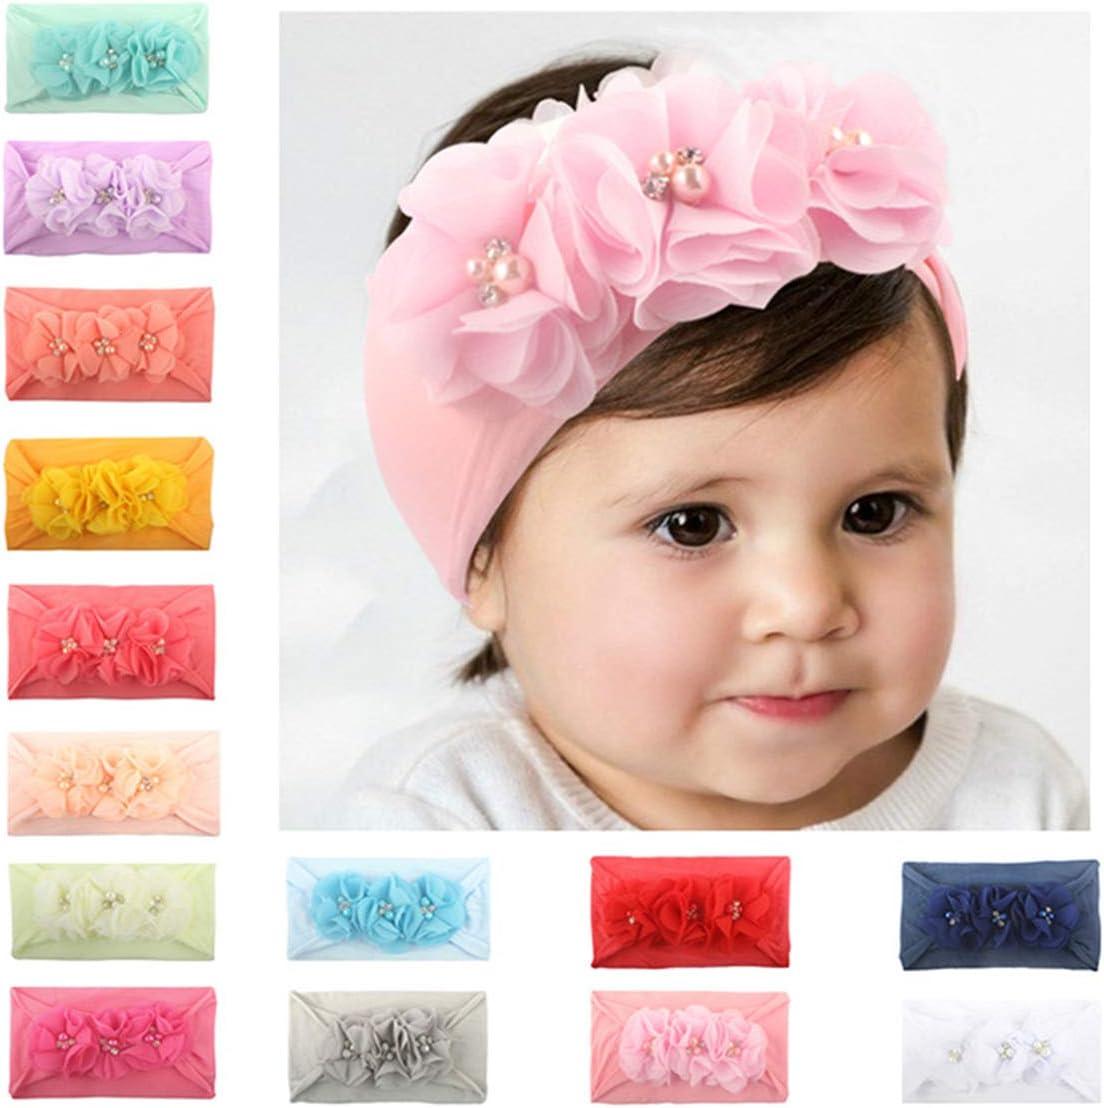 Fascia per capelli moderna per bambina in cotone disegno con dettagli a nodi e stelle e pois 4 pezzi M.M.C per bambini da 1 mese a 10 anni.